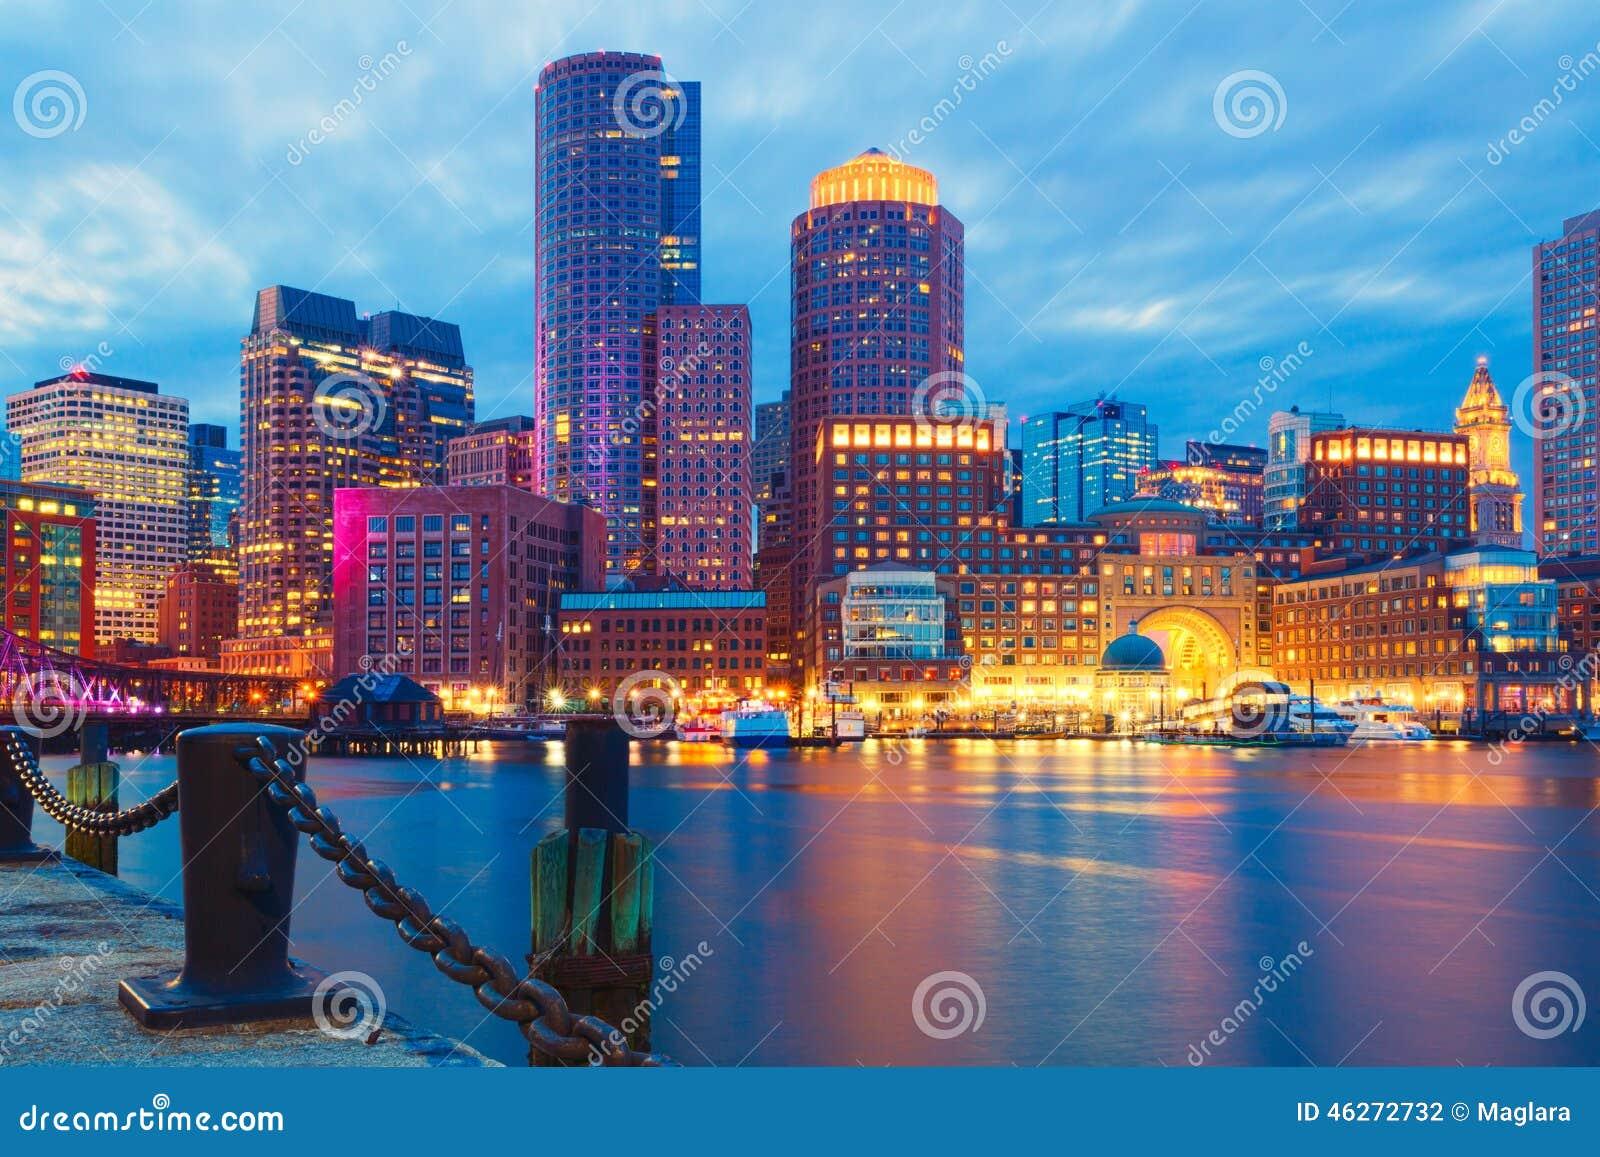 Гавань Бостона и финансовый район на заходе солнца Бостон, Массачусетс, США